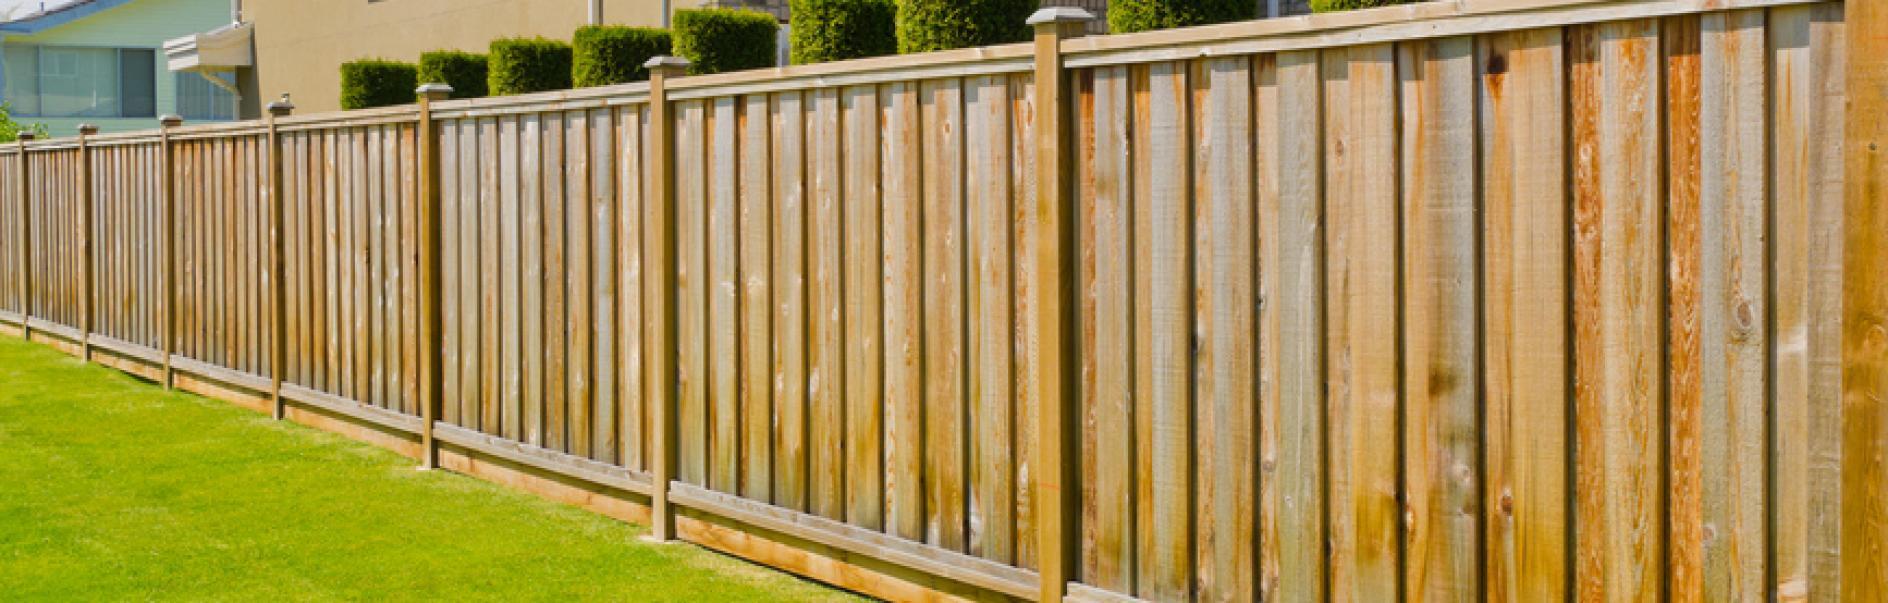 Bauen Sie Ihren eigenen Zaun oder Sichtschutz